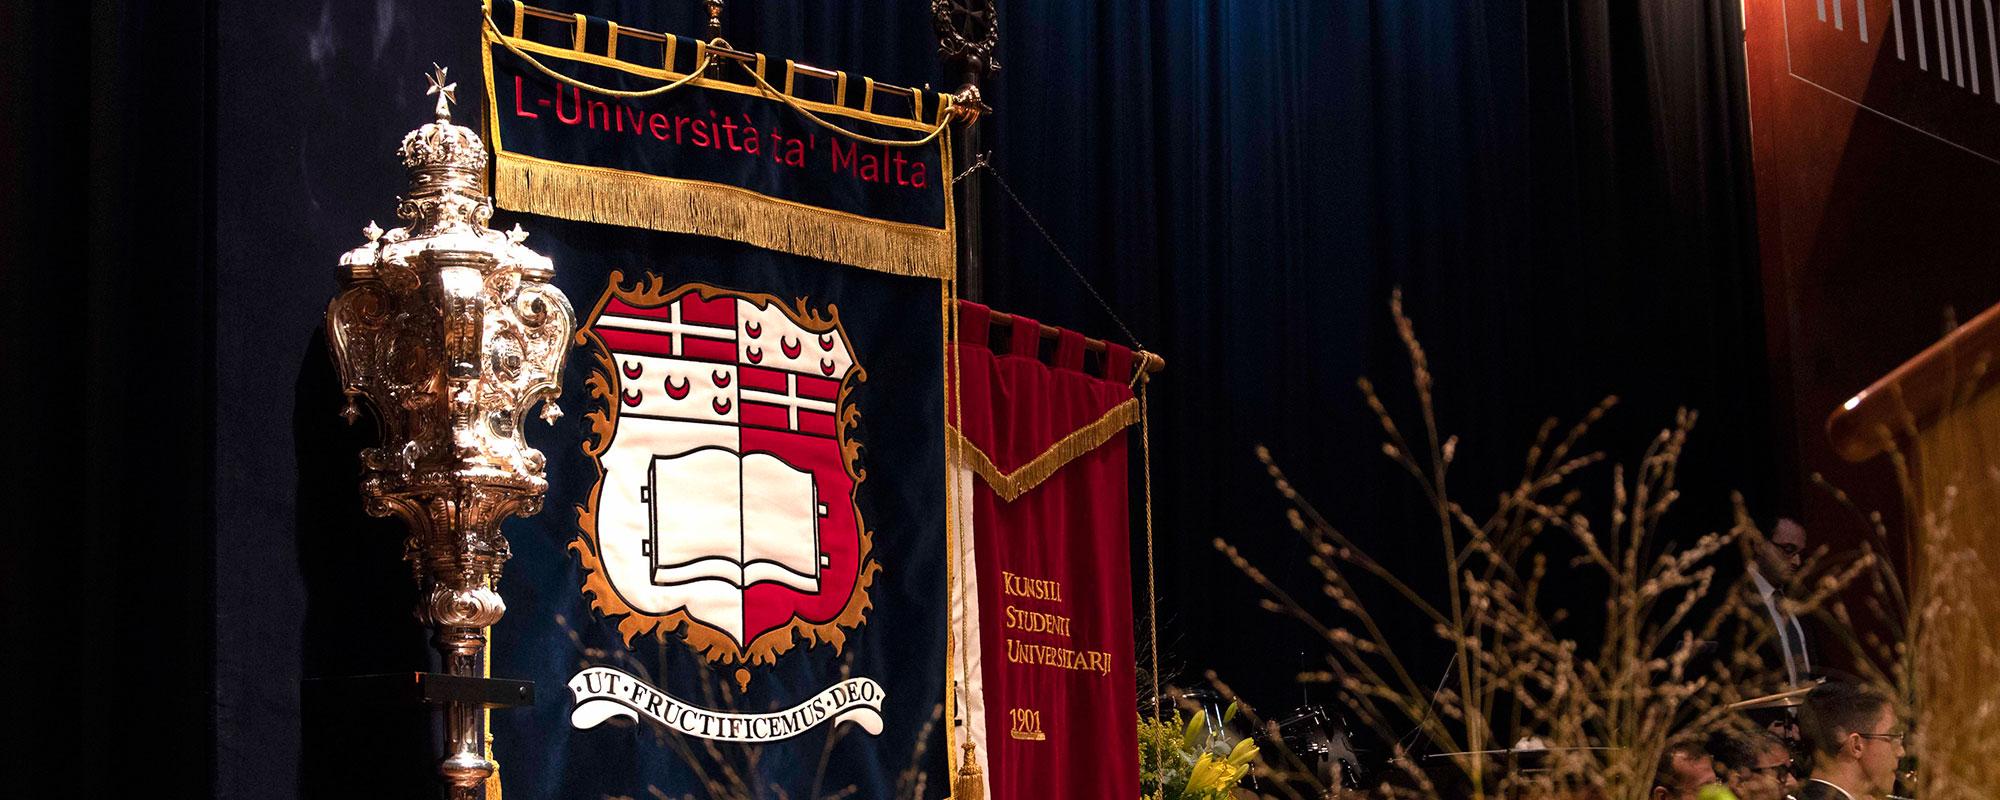 Opening ceremony - Sir Temi Zammit Hall